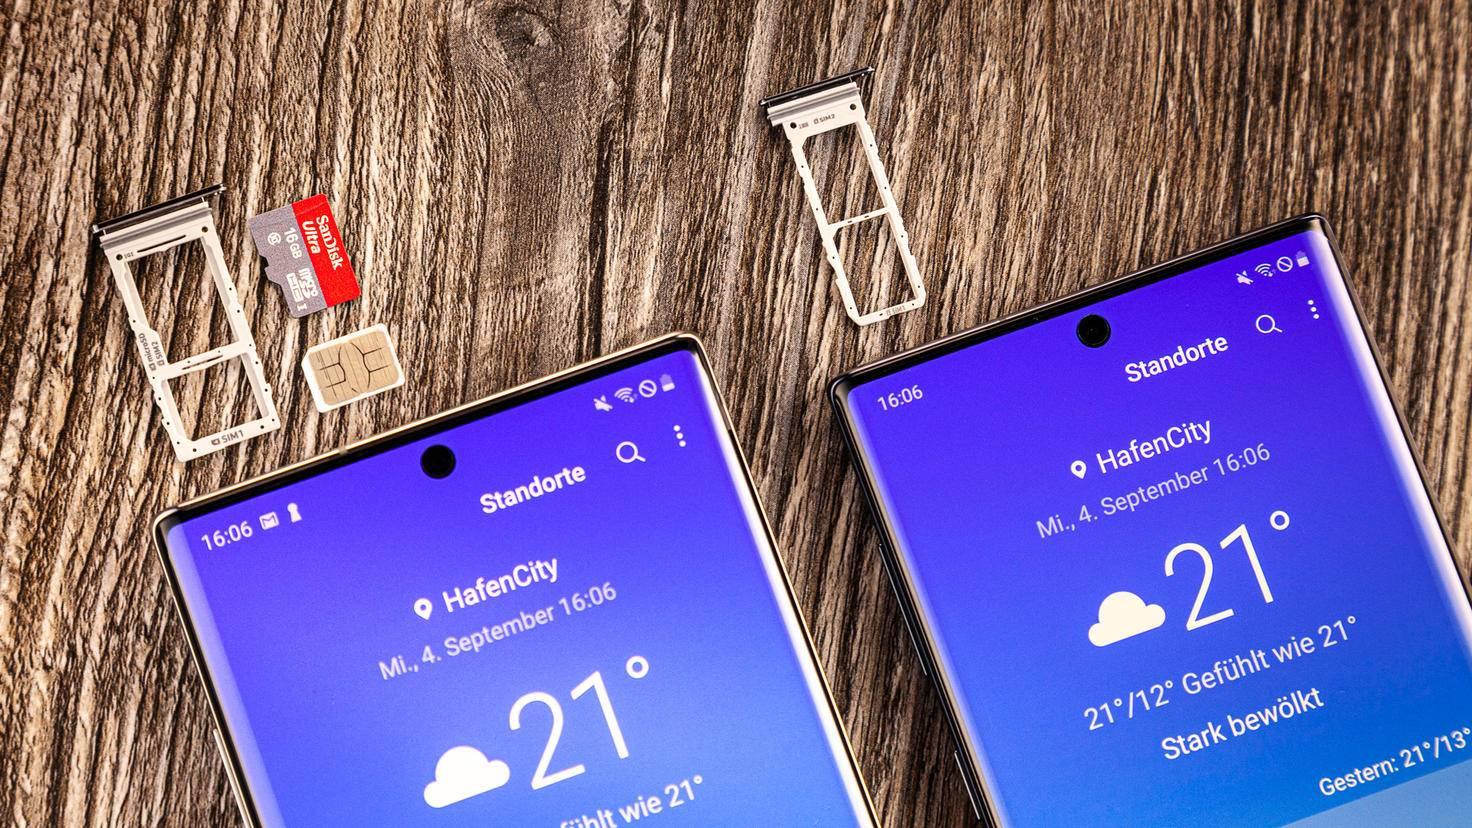 Galaxy Note 10 10 Plus Speicherkapazität